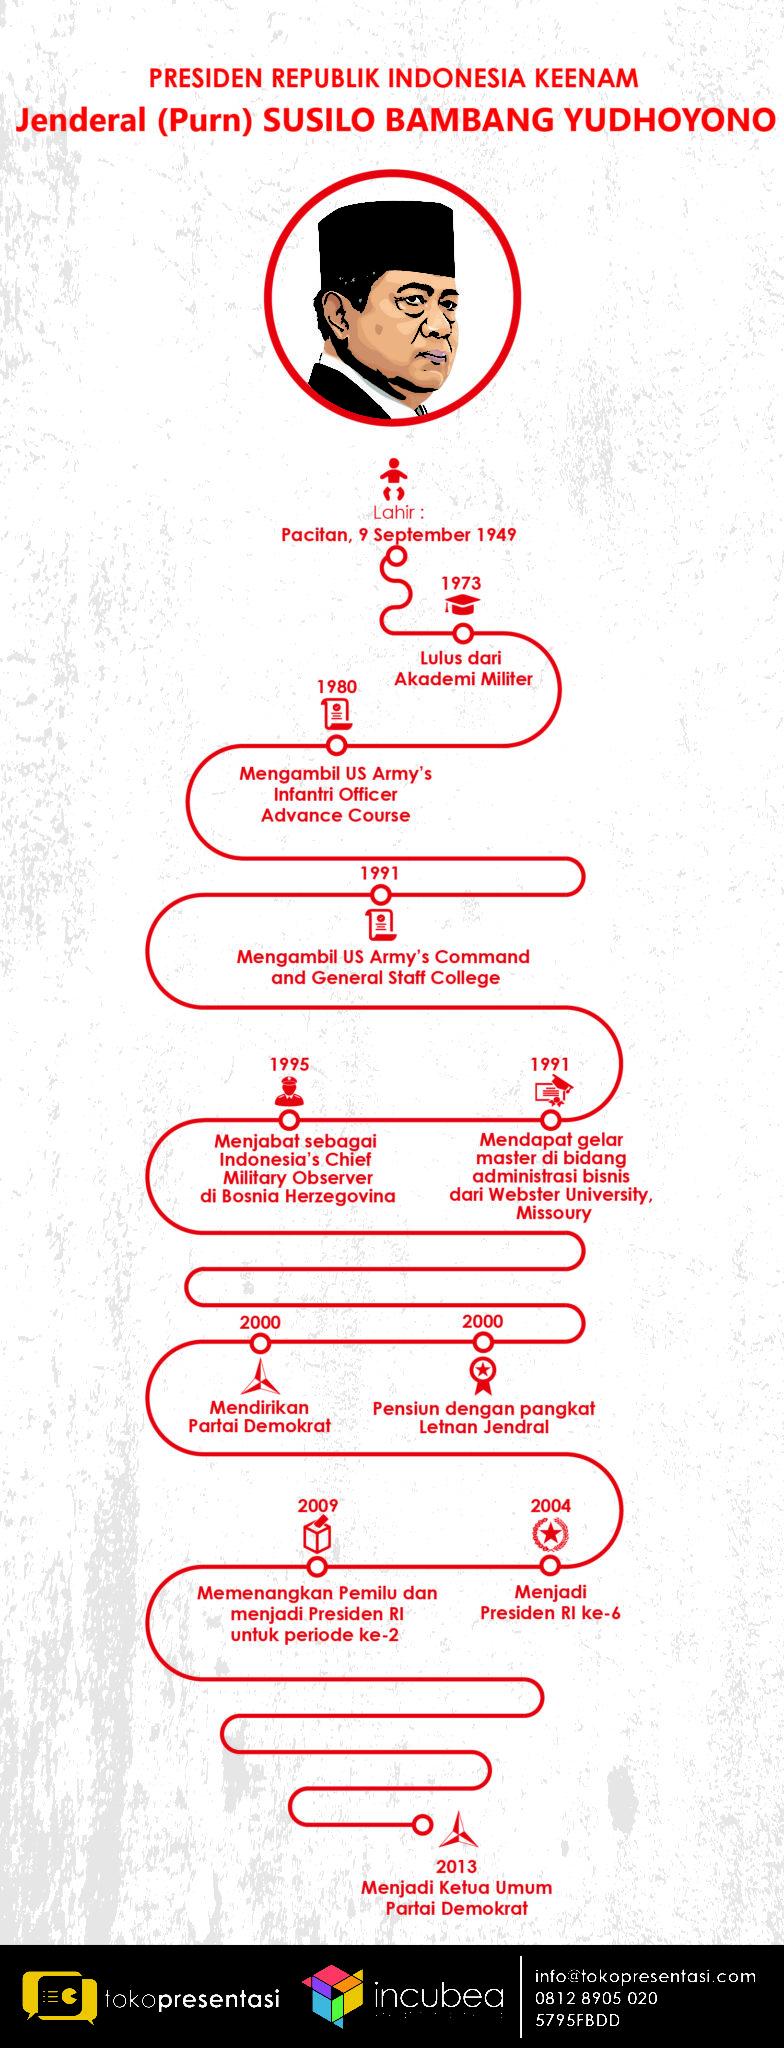 Infografis Presiden RI Keenam Jenderal (Purn) Susilo Bambang Yudhoyono jasa infografis tokopresentasi-03-03